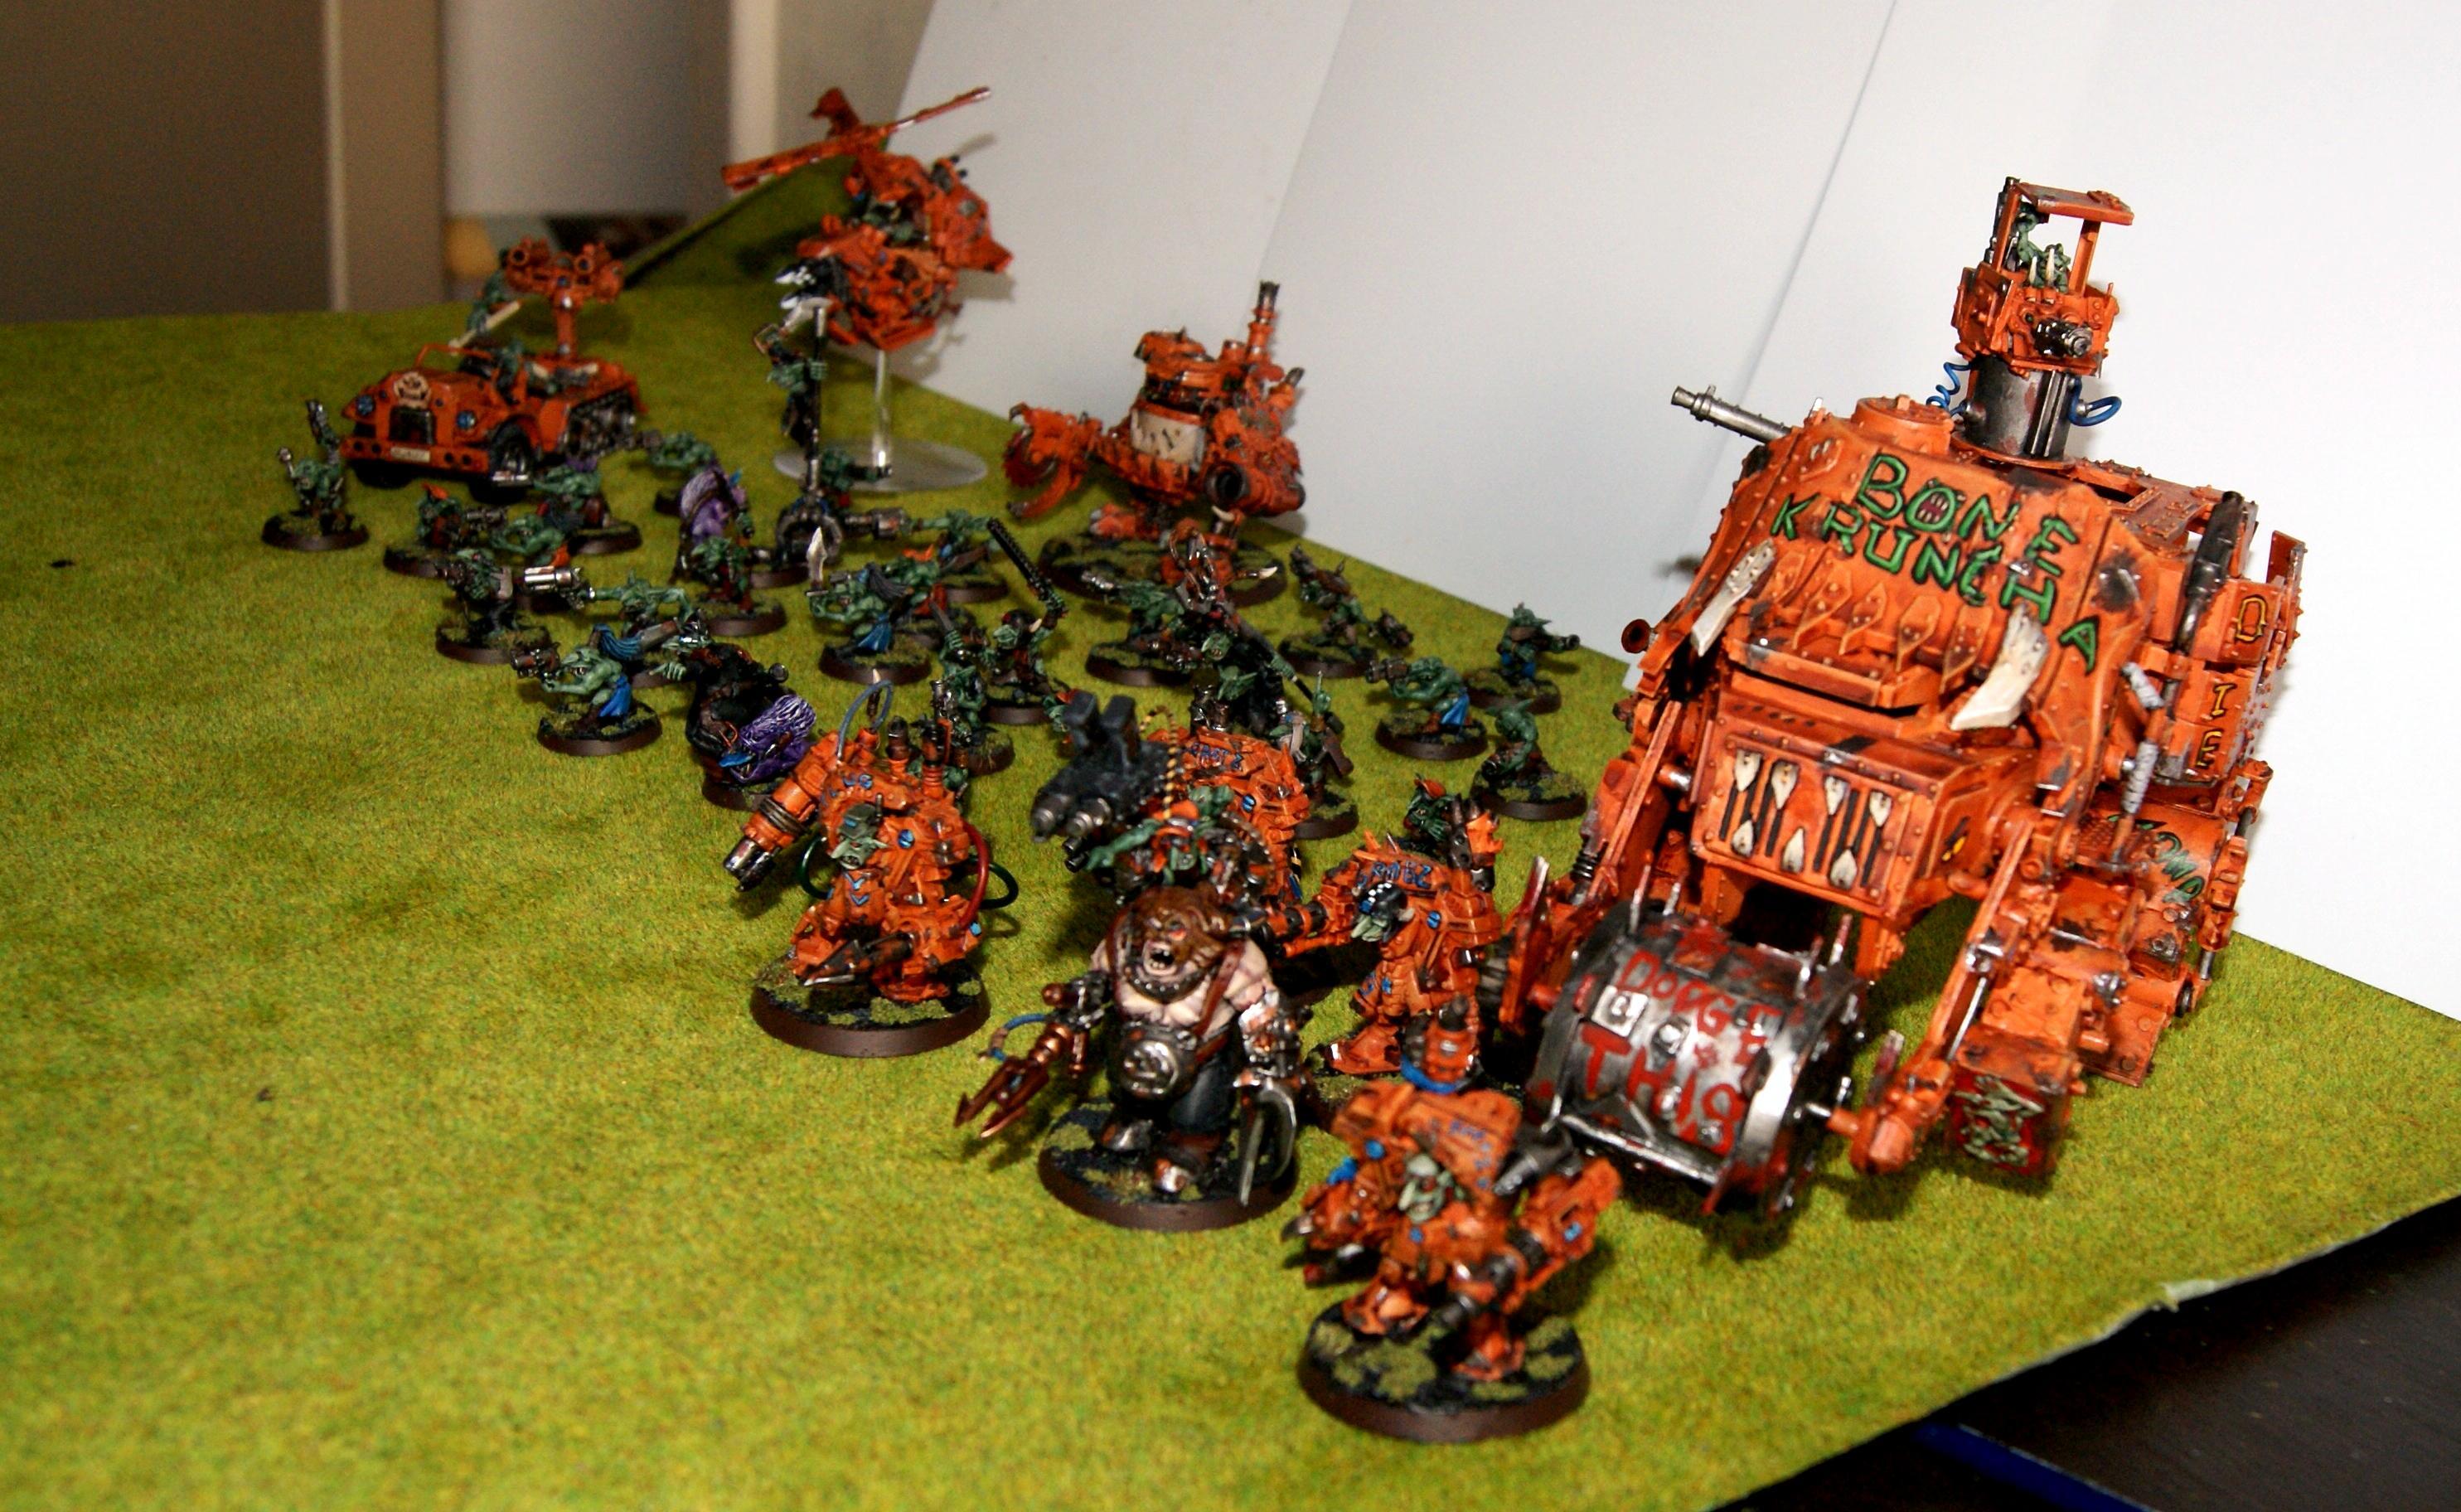 Conversion, Grot Rebellion, Grot Rebels, Grots, Group, Orks, Warhammer 40,000